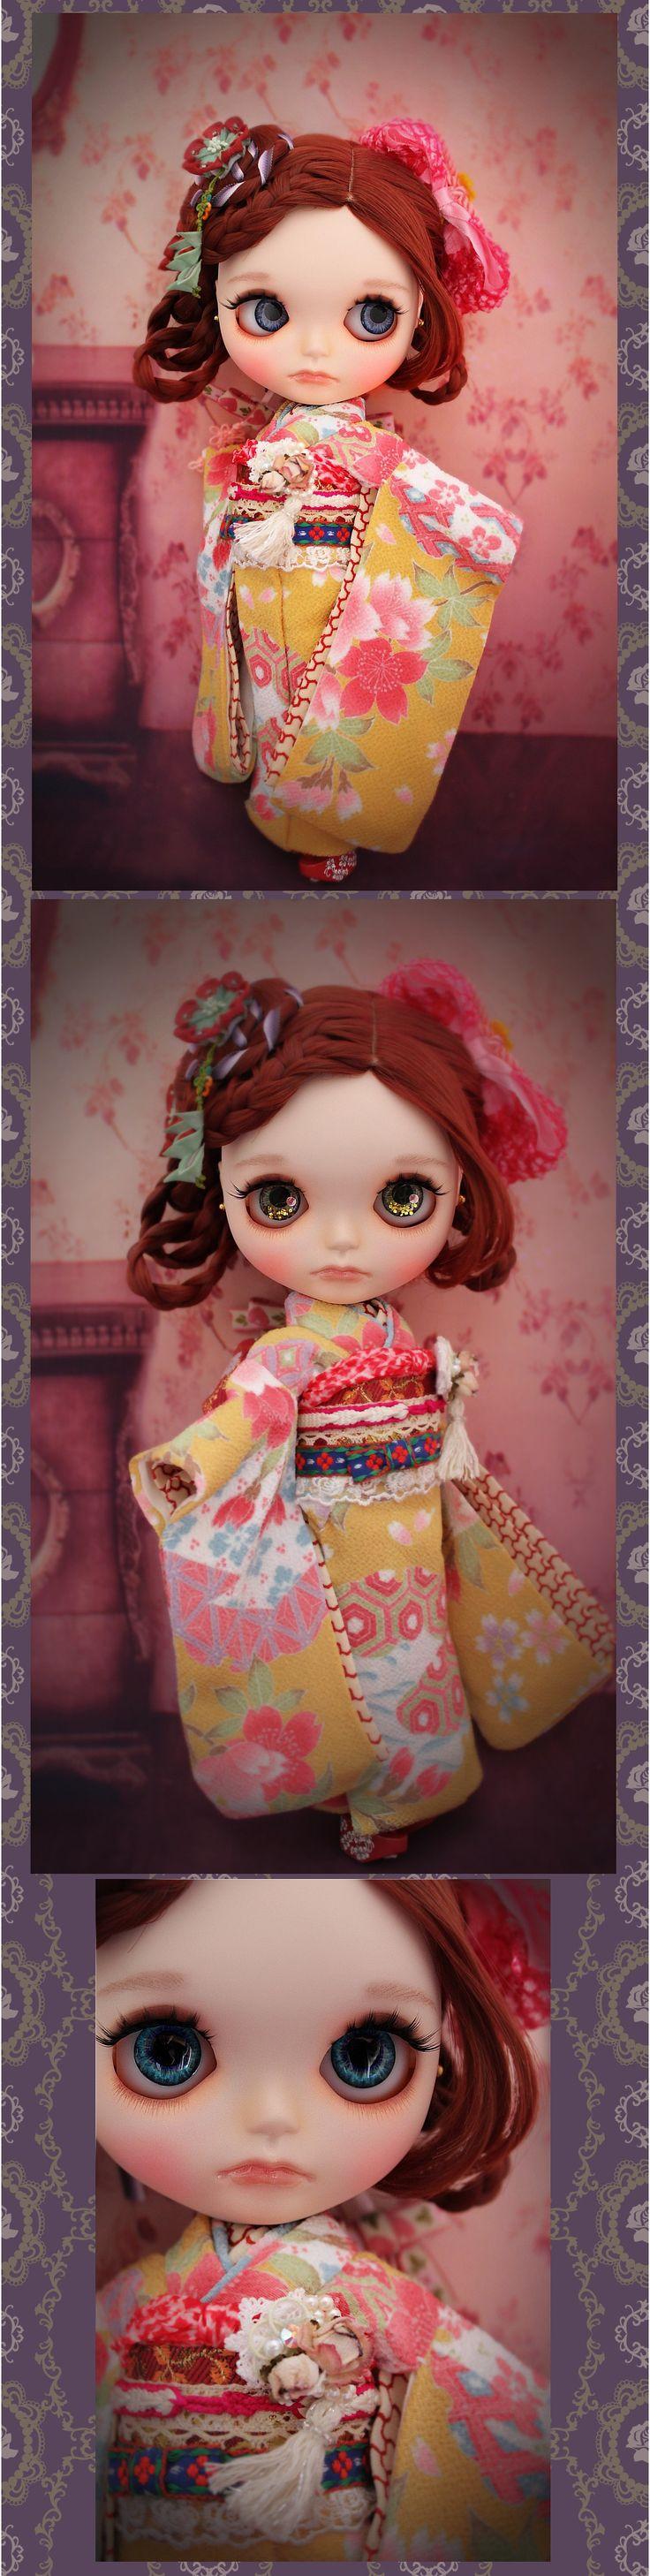 [§§ ~ Love fairy Doll ~ §§] † custom Bryce † Admin - Auction - Rinkya! Japan Auction & Shopping